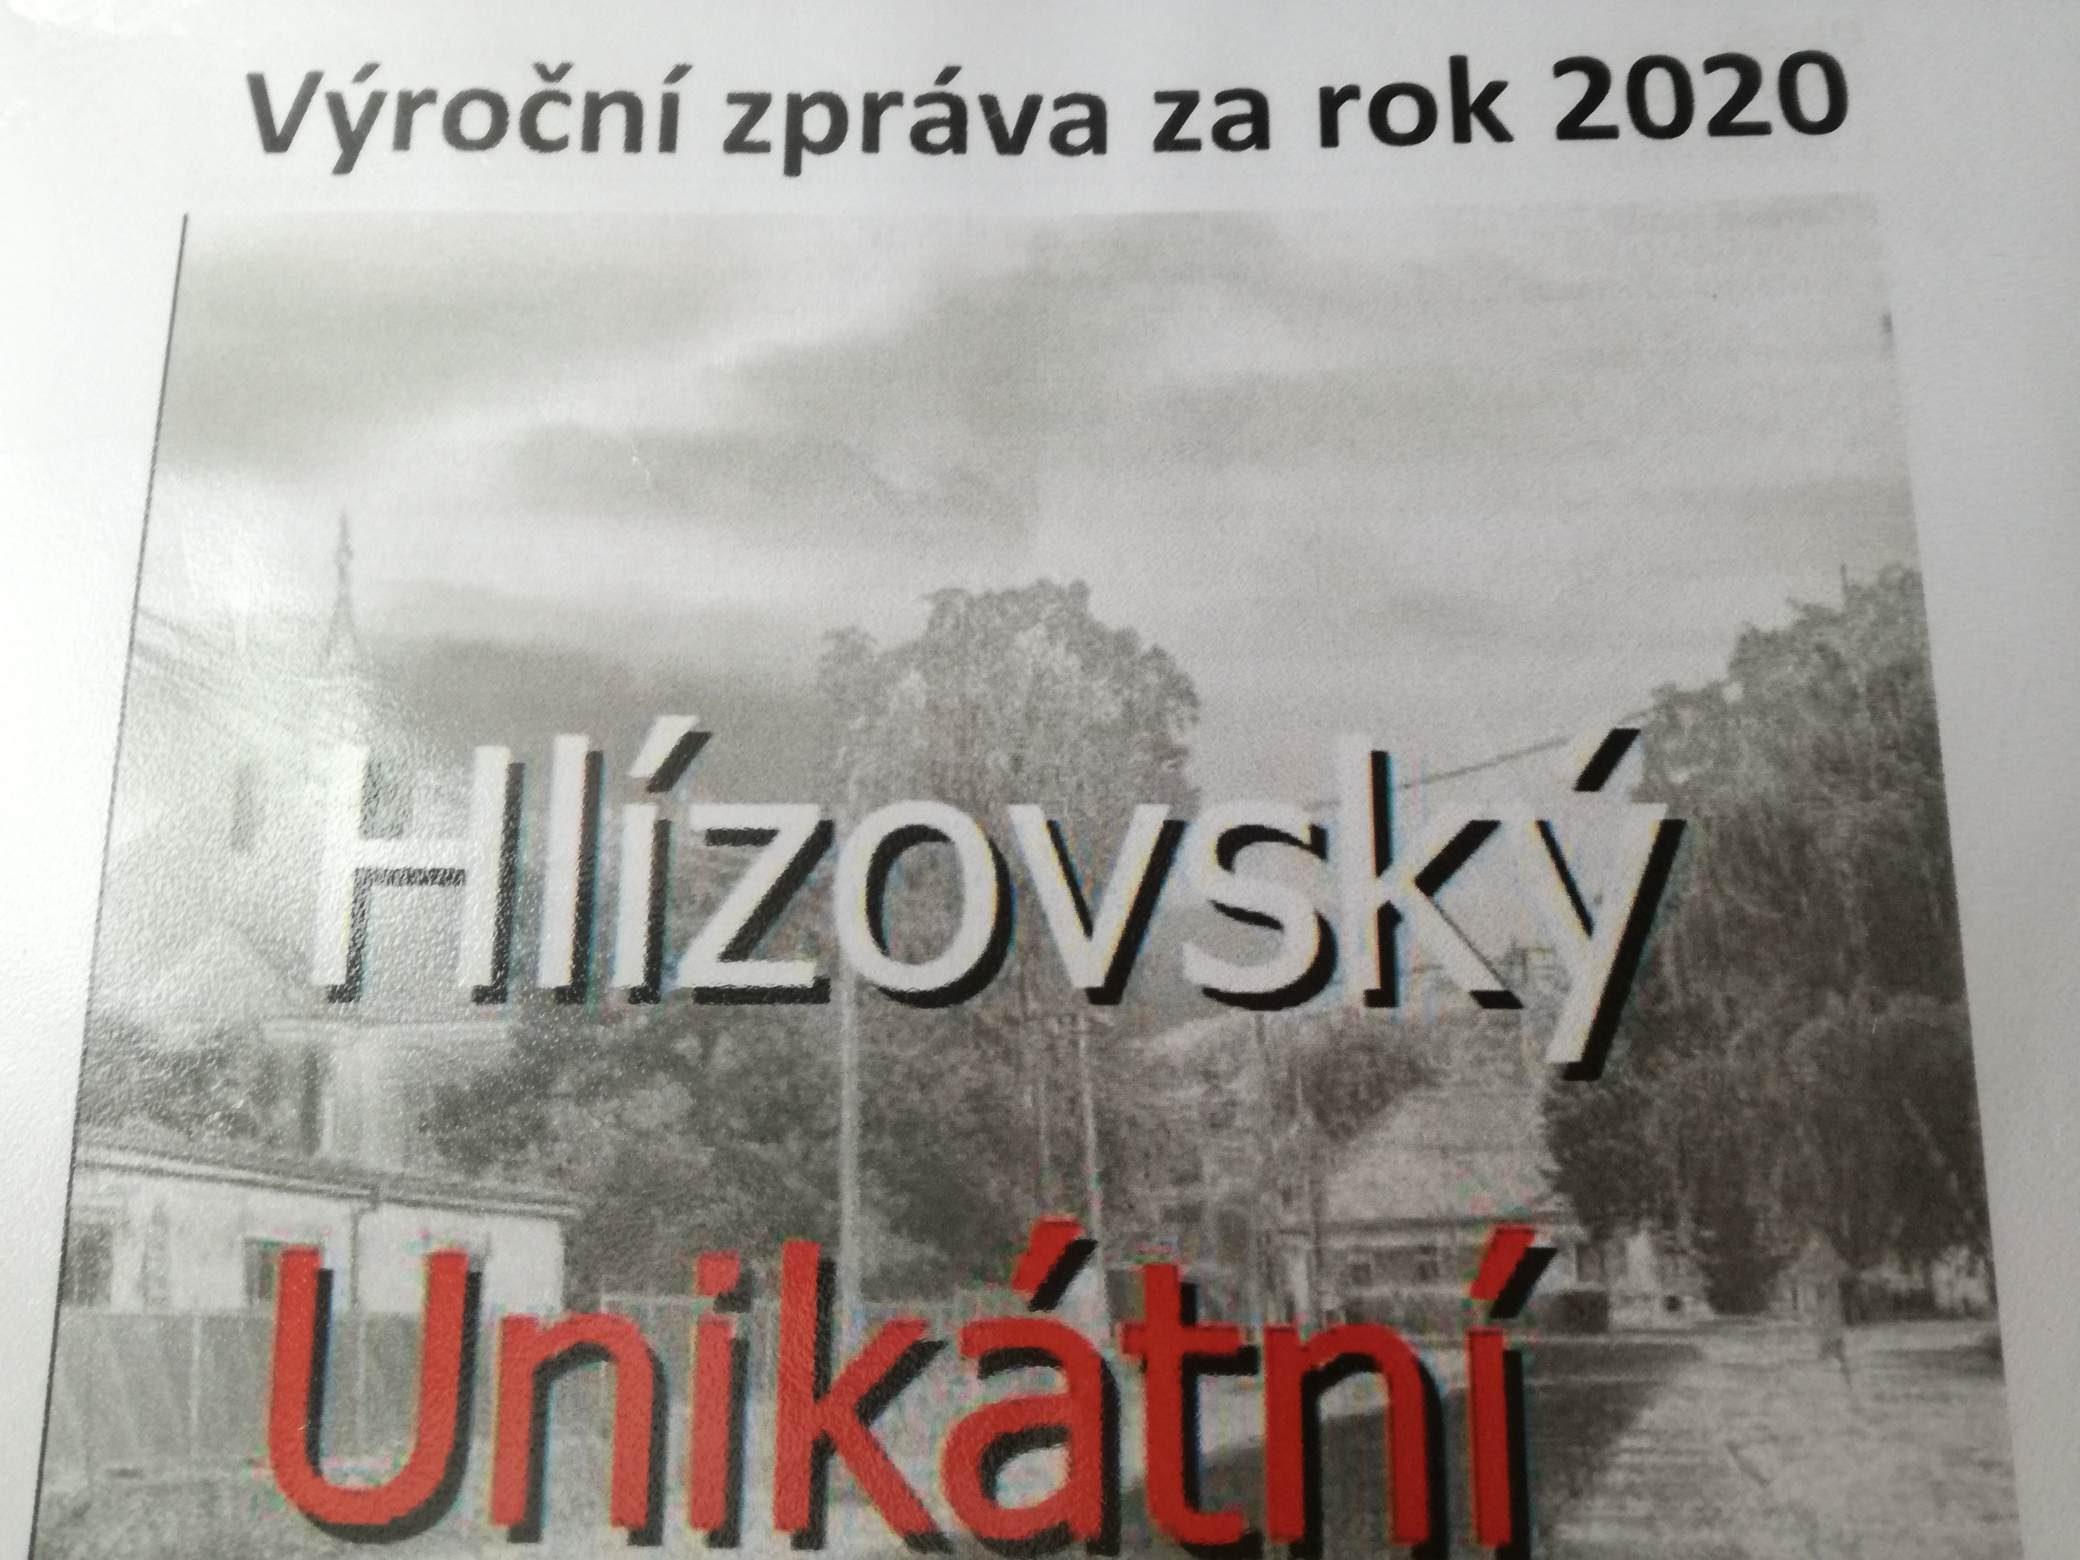 Výroční zpráva za rok 2020